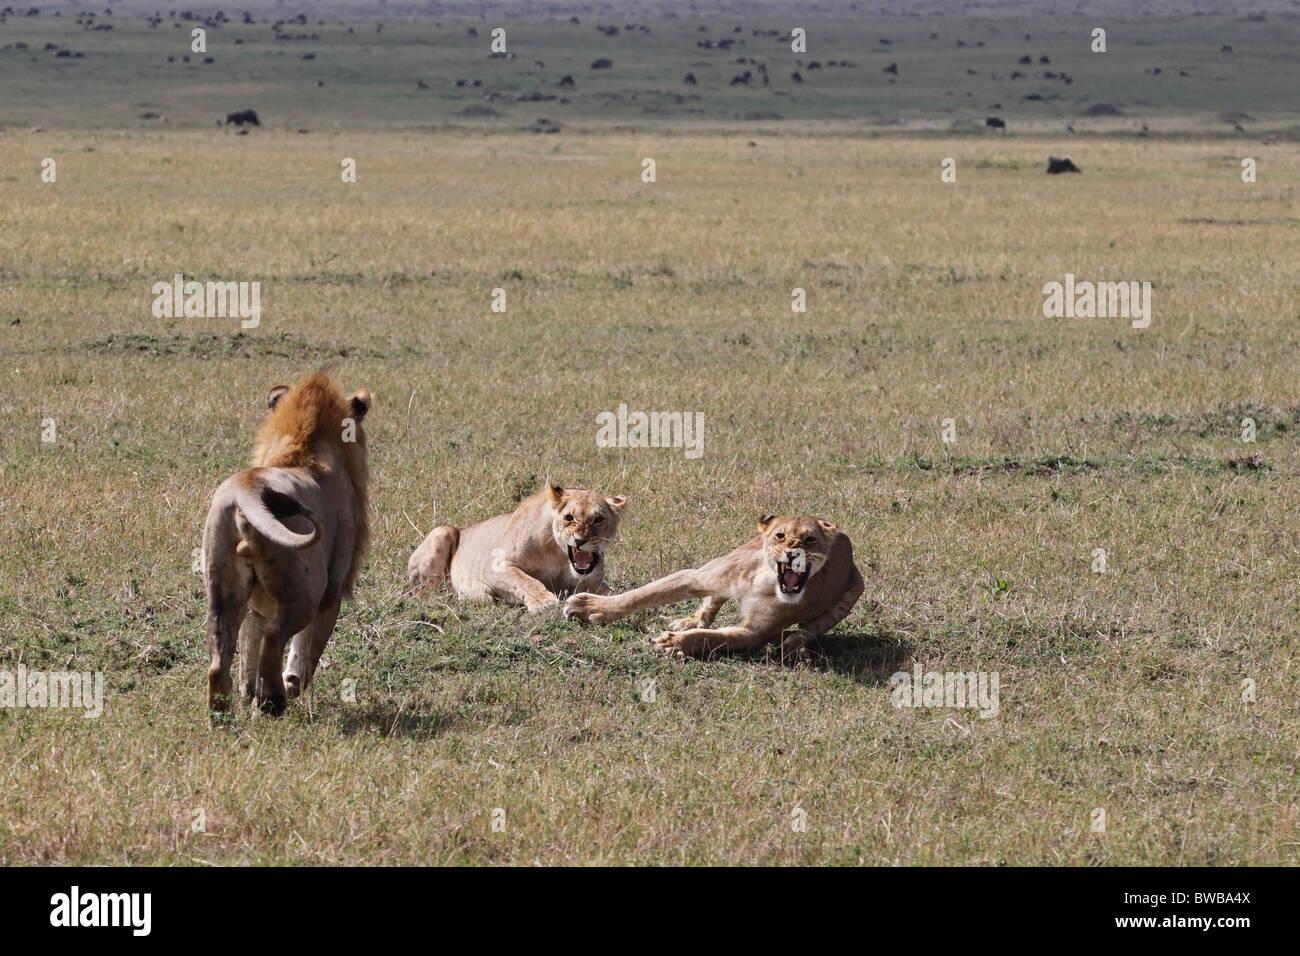 Attaccare Due Foto.Grande Leone Maschio Di Attaccare Due Leonesse Foto